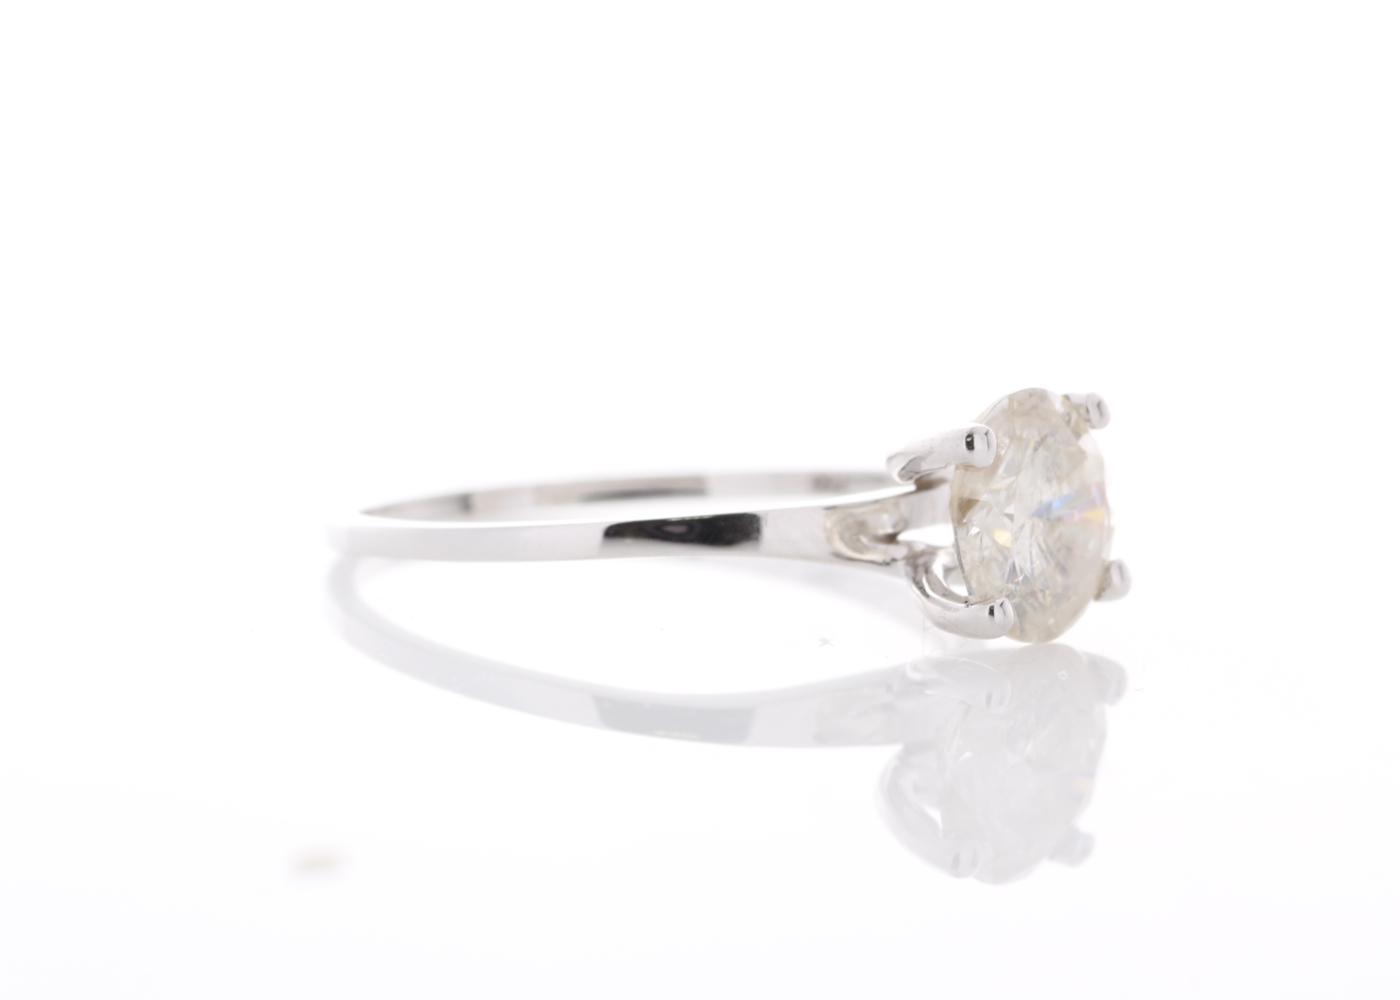 18ct White Gold Rex Set Diamond Ring 1.06 Carats - Image 4 of 5